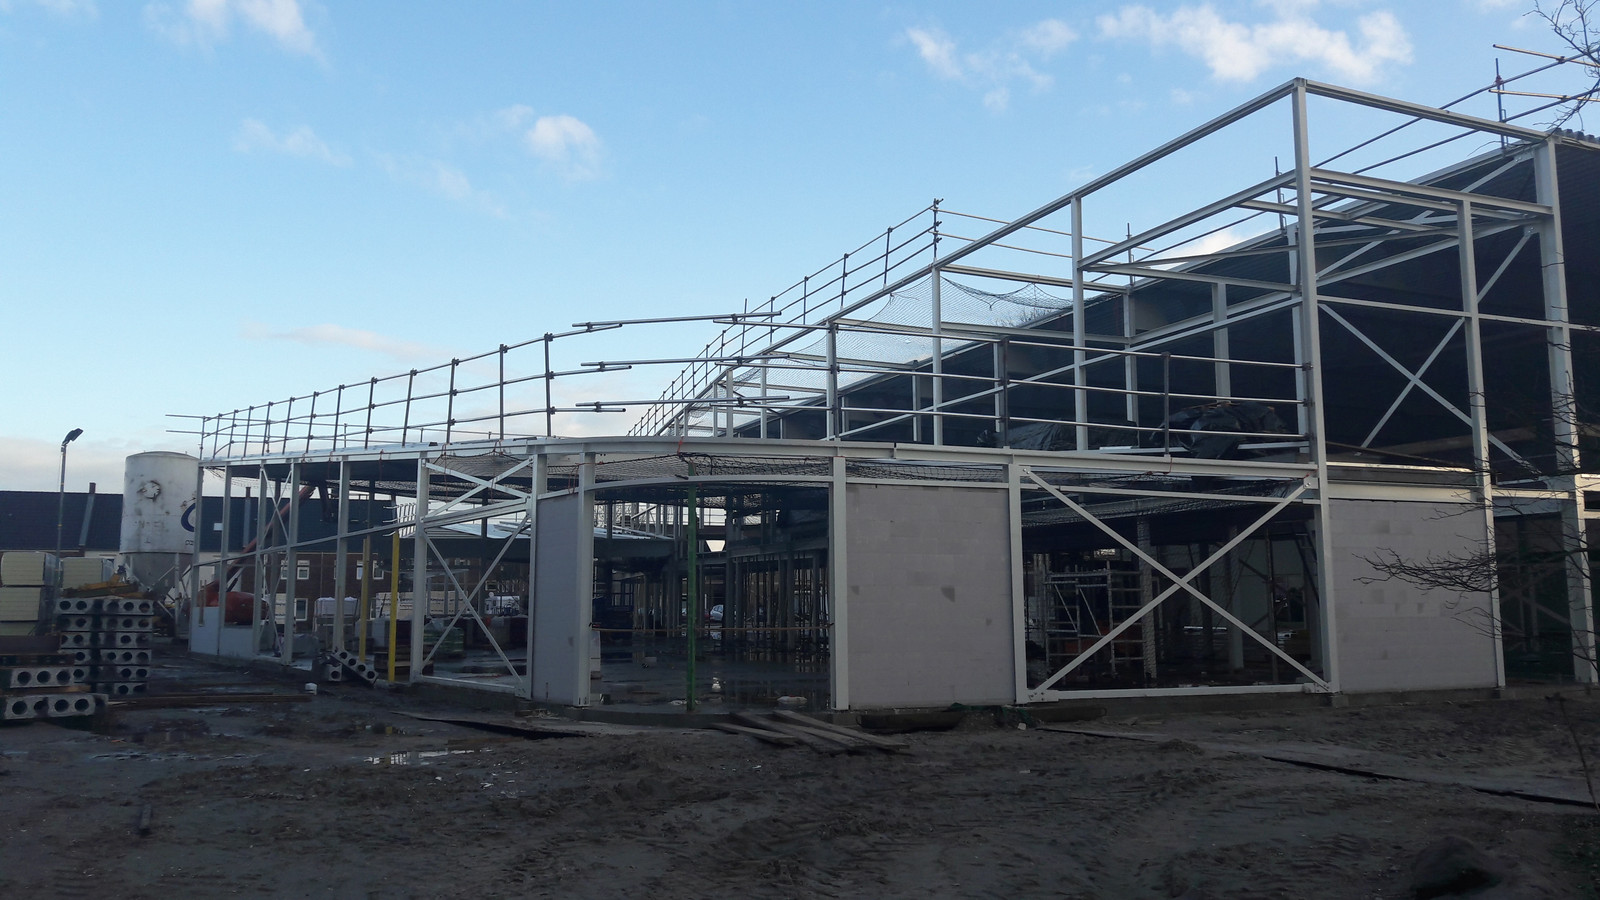 De nieuwe sporthal in aanbouw gezien vanaf de Juliana van Stolbergstraat.